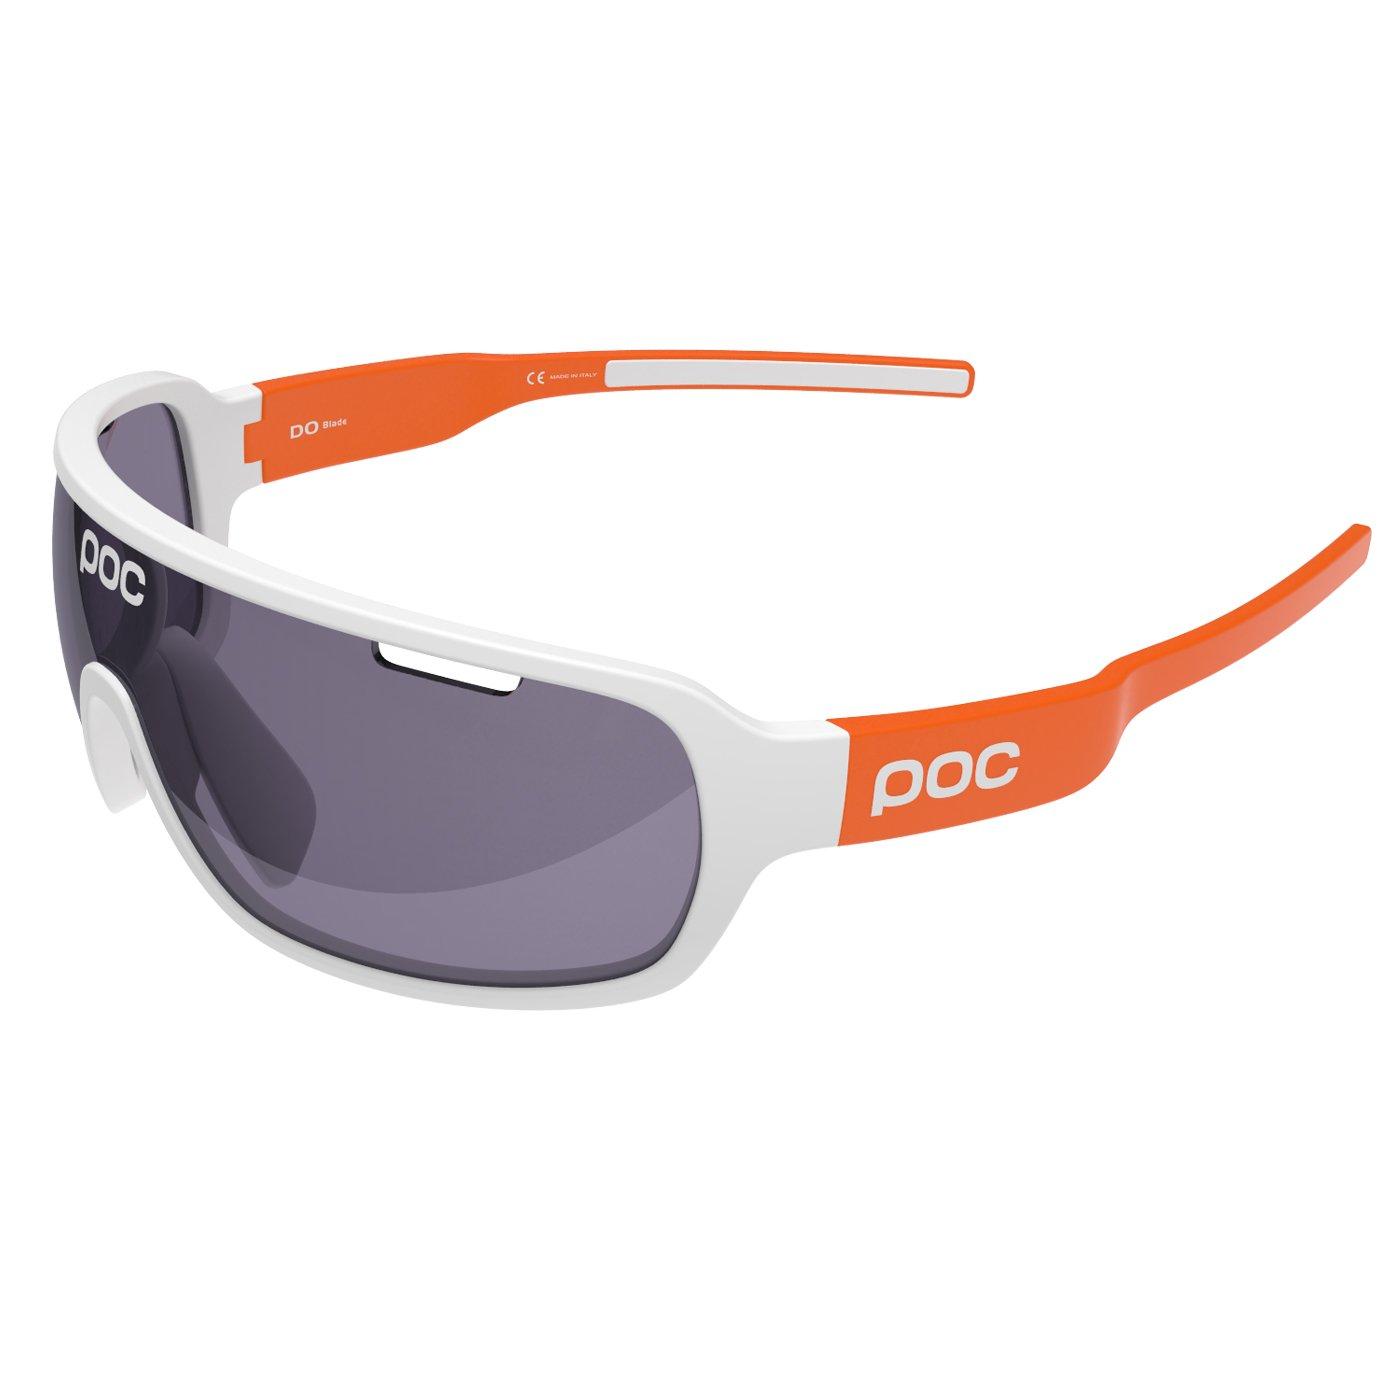 【新作入荷!!】 (ポック)POC DO Blade AVIP Hydrogen DOBL5011 28.4 White/Zink Orange Hydrogen VIOLET 28.4 DOBL5011 B00NA8XI7G, 株式会社桑田商店:a2d3678e --- ballyshannonshow.com